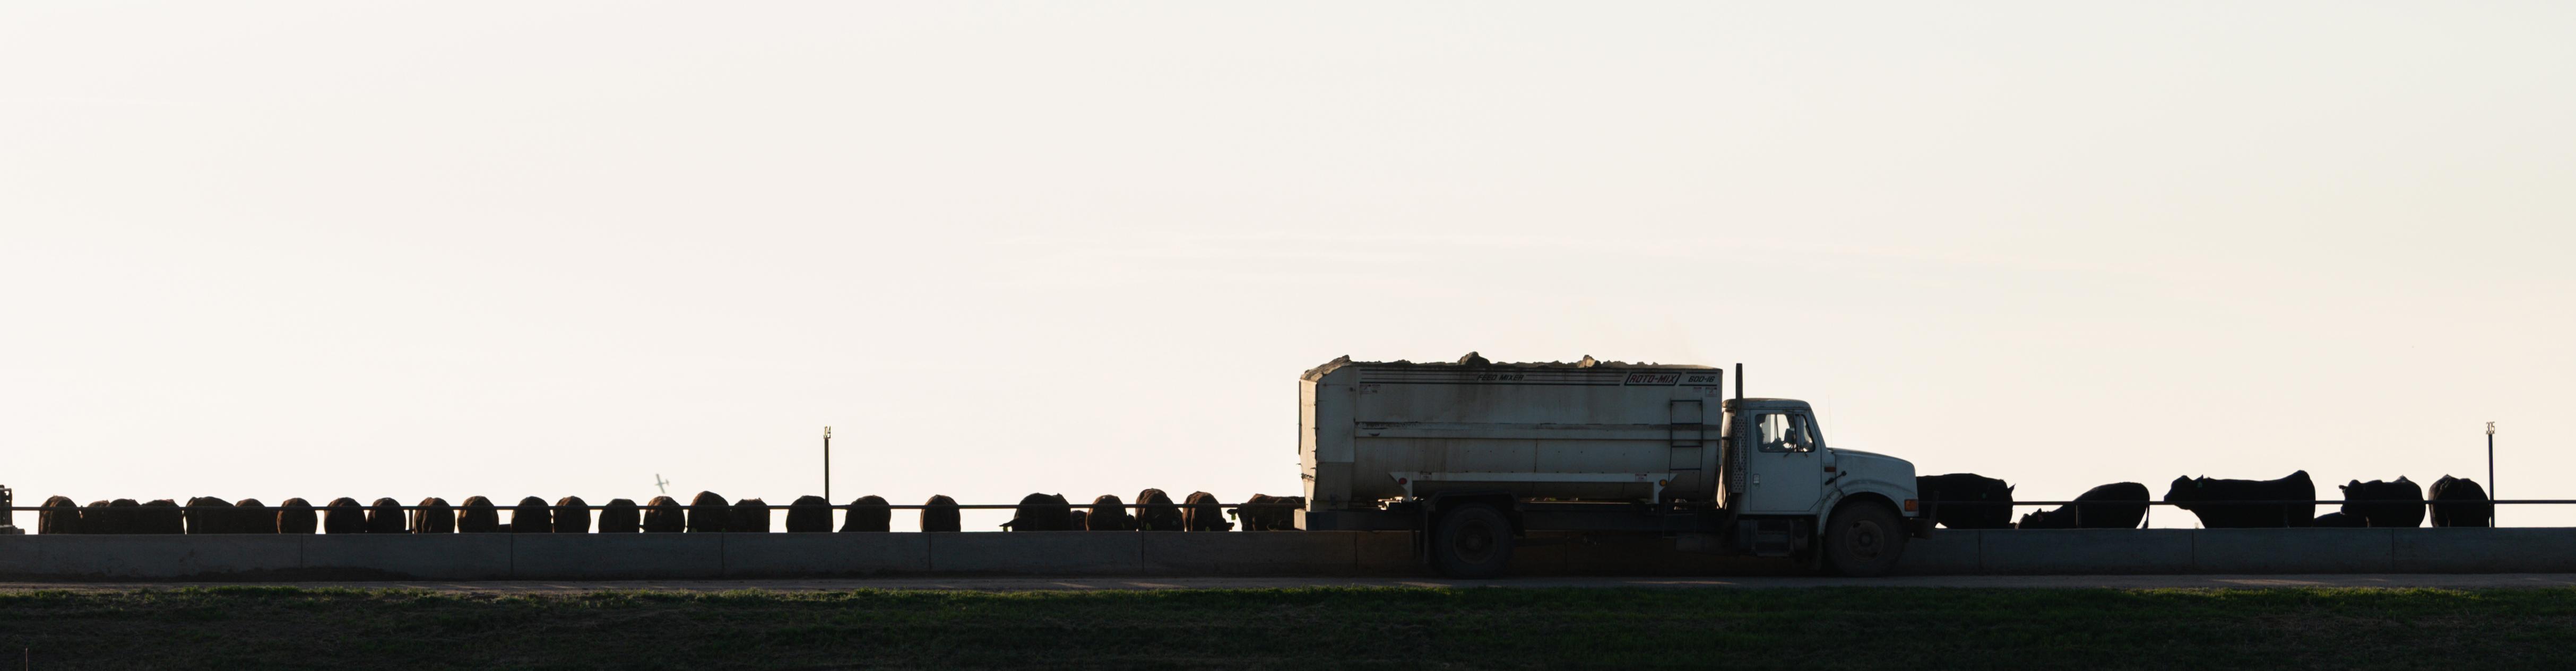 hy plains feedyard